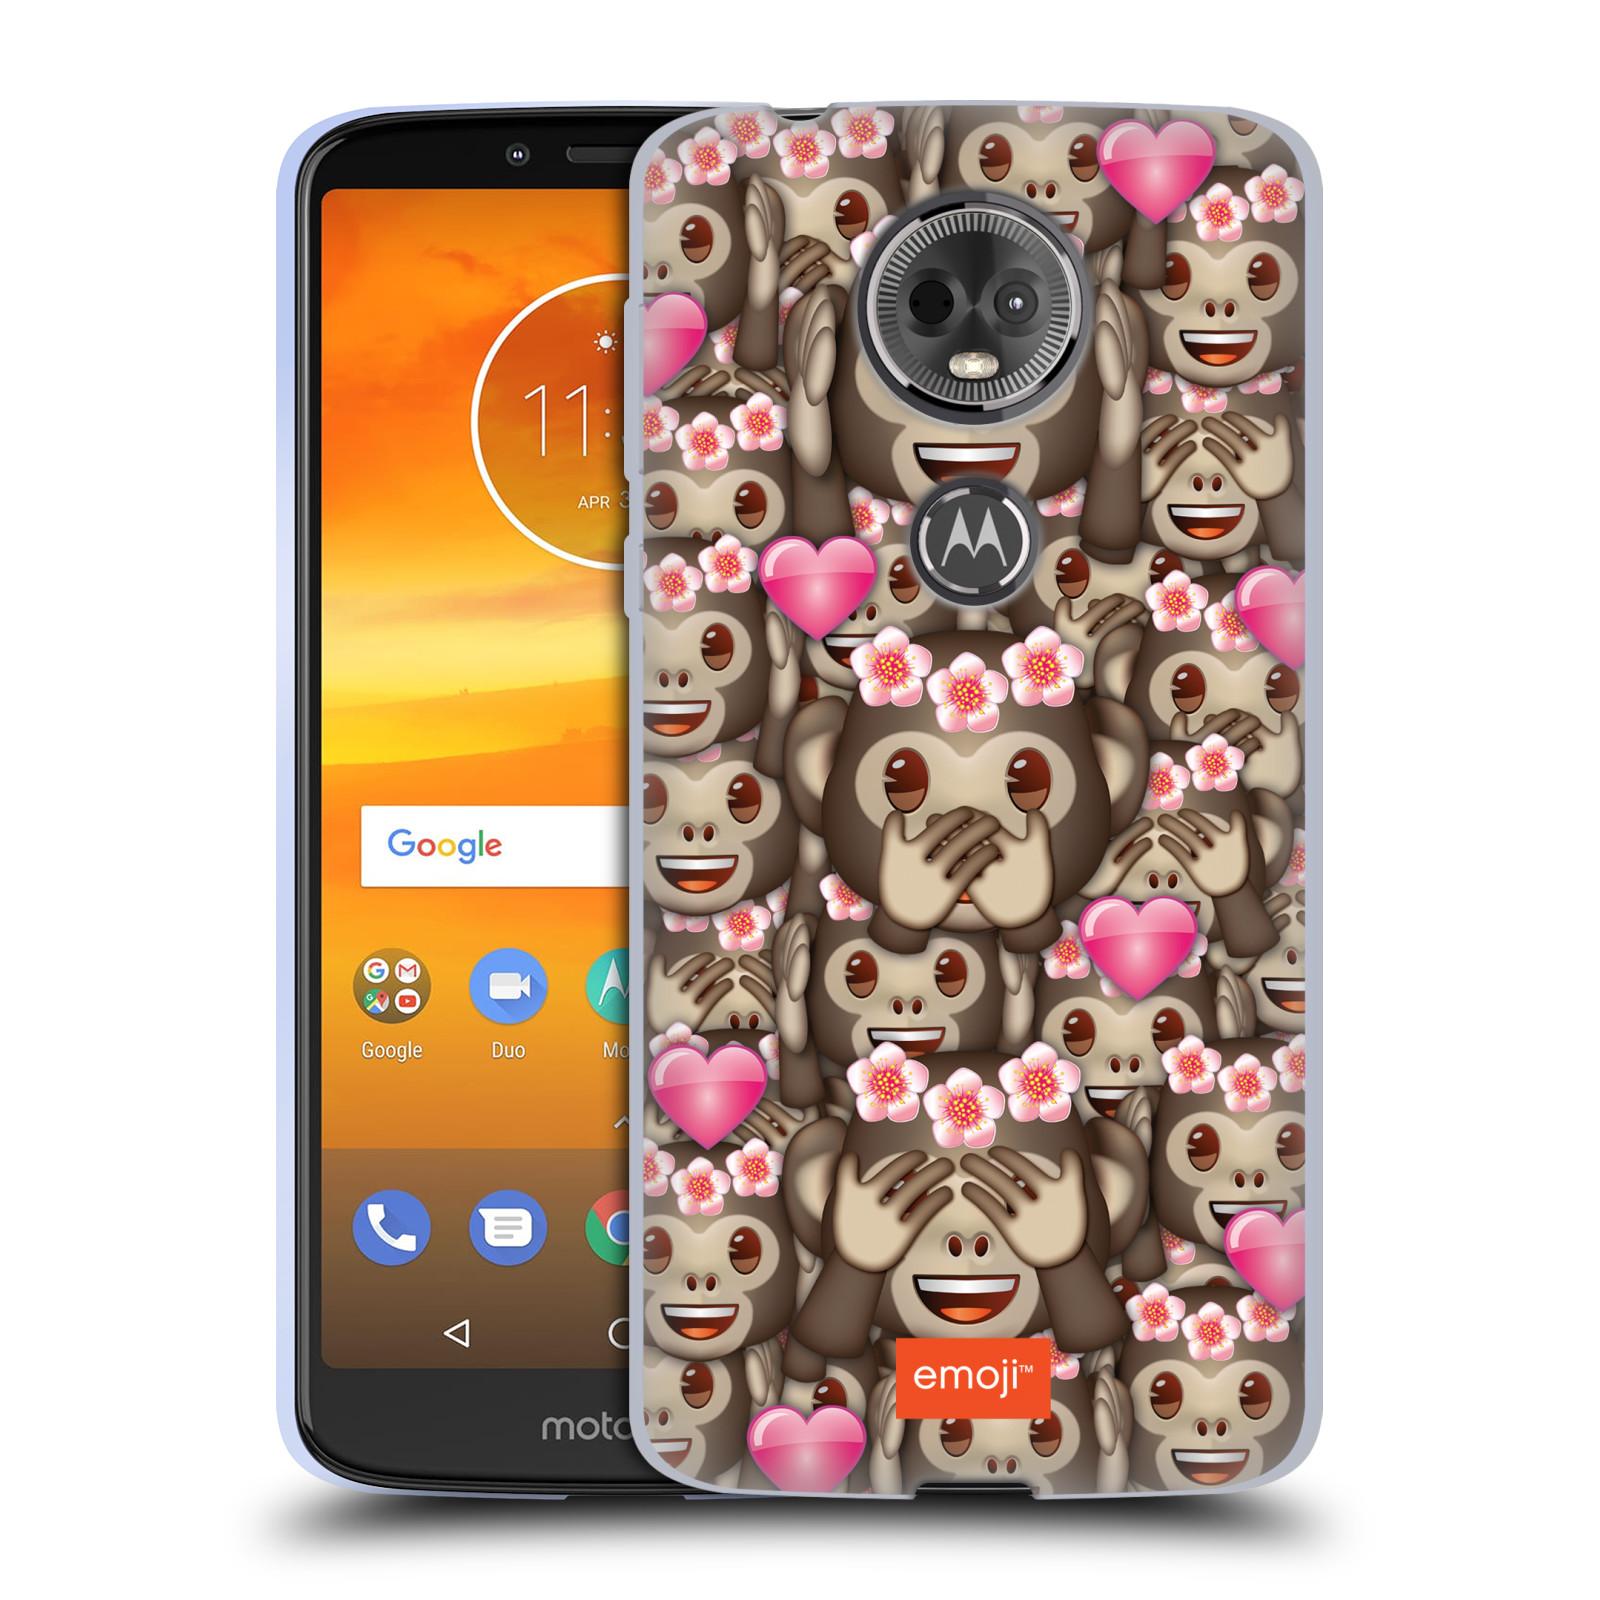 Silikonové pouzdro na mobil Motorola Moto E5 Plus - Head Case - EMOJI - Opičky, srdíčka a kytičky